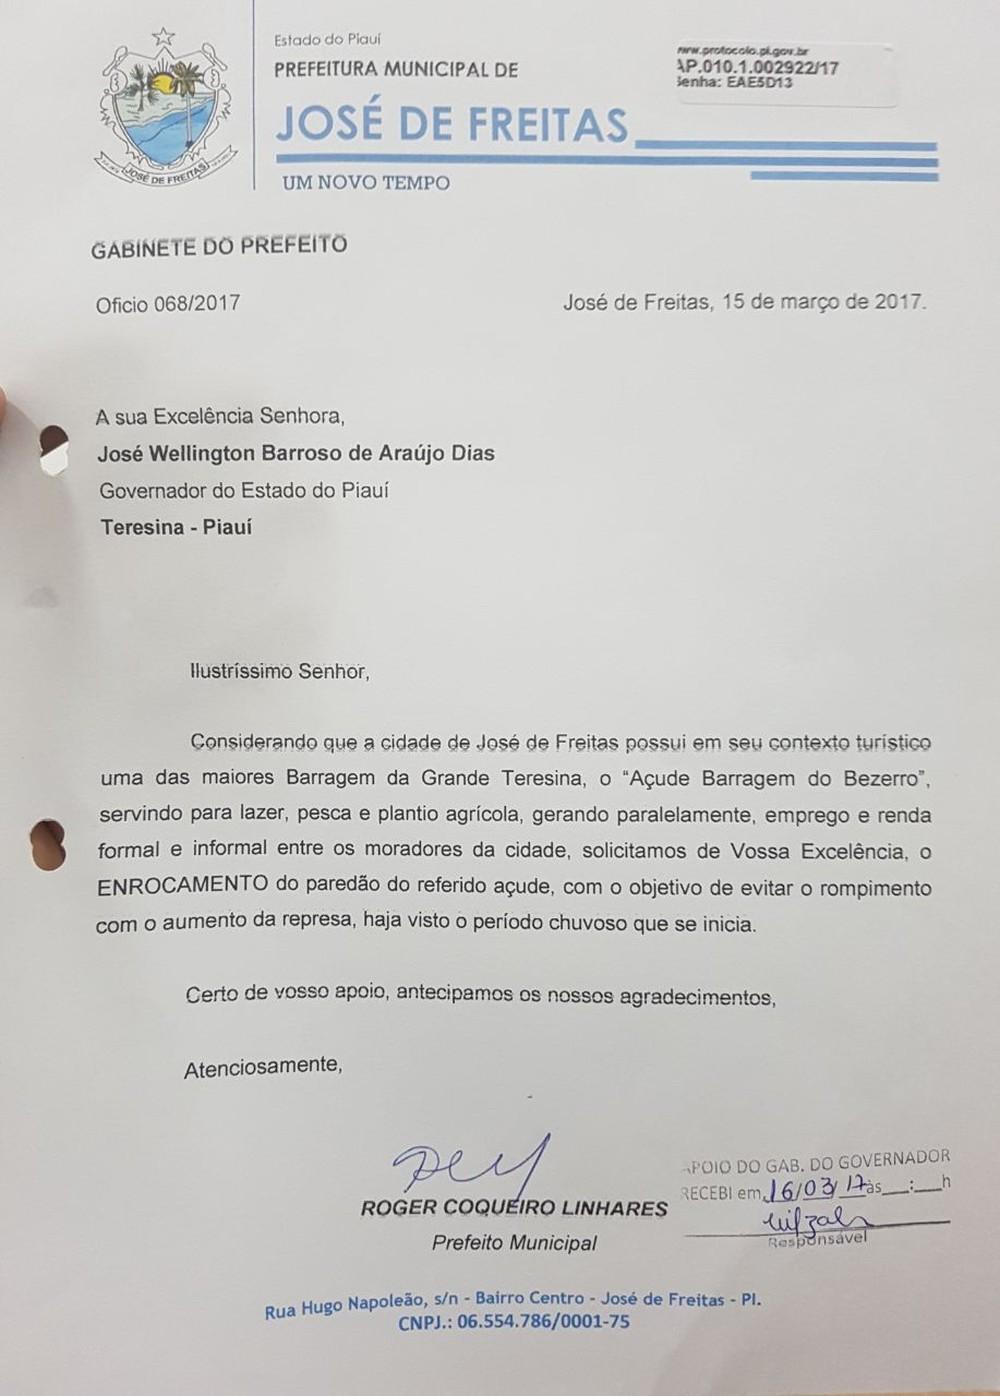 Prefeitura pediu reforço para Barragem do Bezerro há um ano por risco de romper